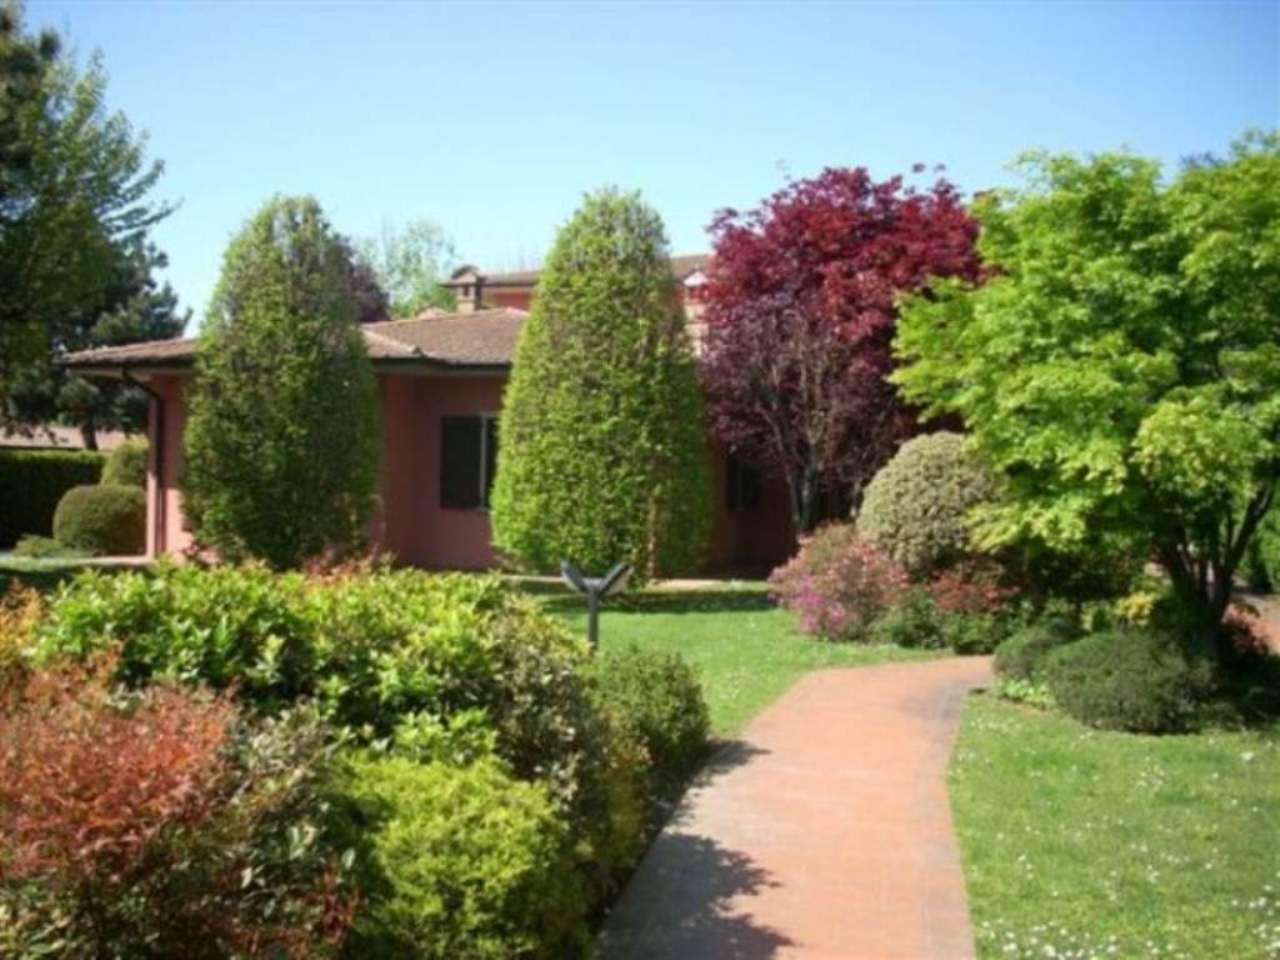 Villa in vendita a Crema, 6 locali, prezzo € 380.000 | Cambio Casa.it